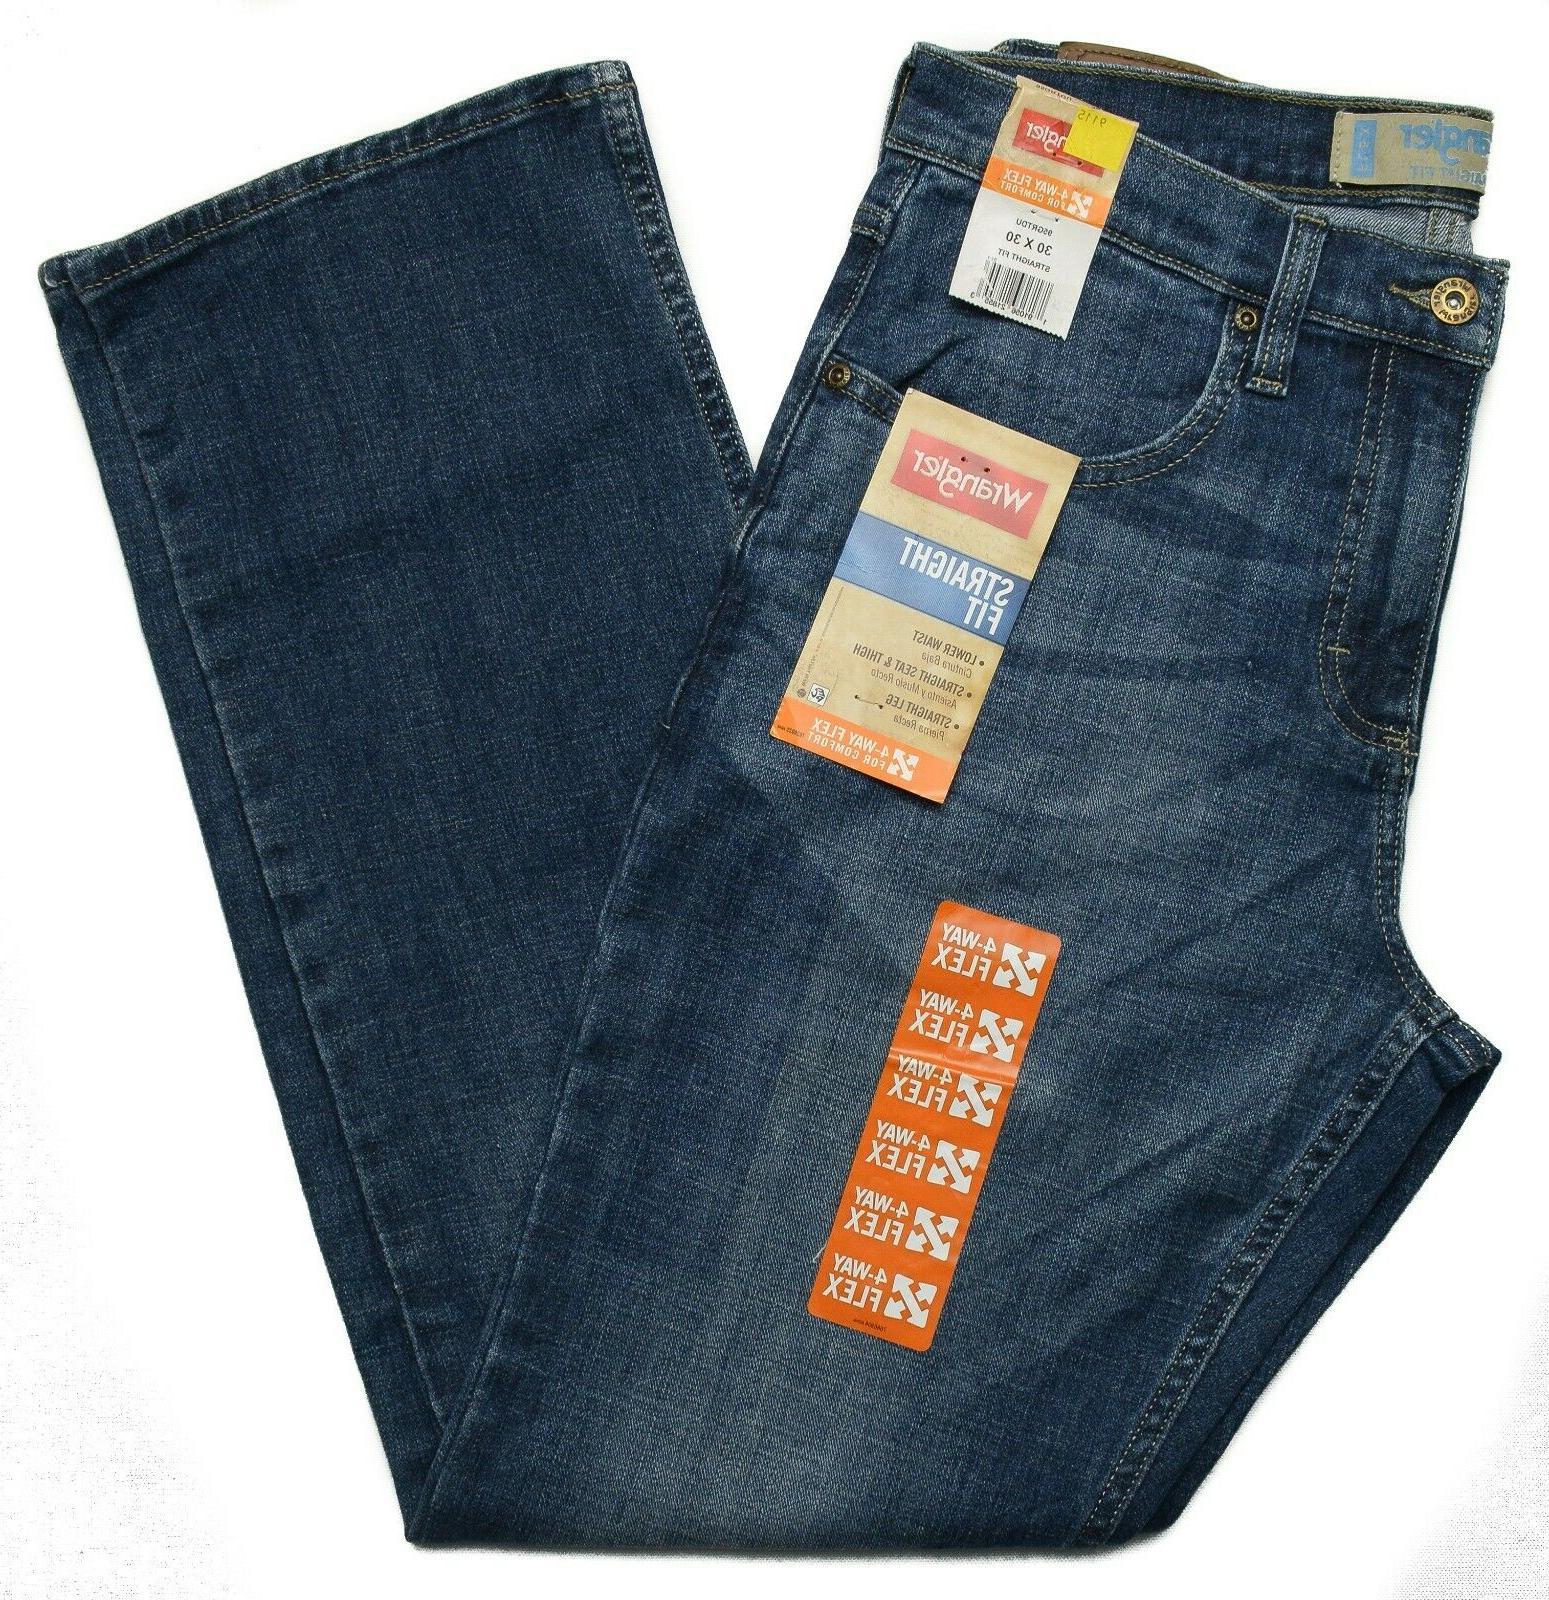 Wrangler #9115 Men's Straight Straight Leg Opening Jeans